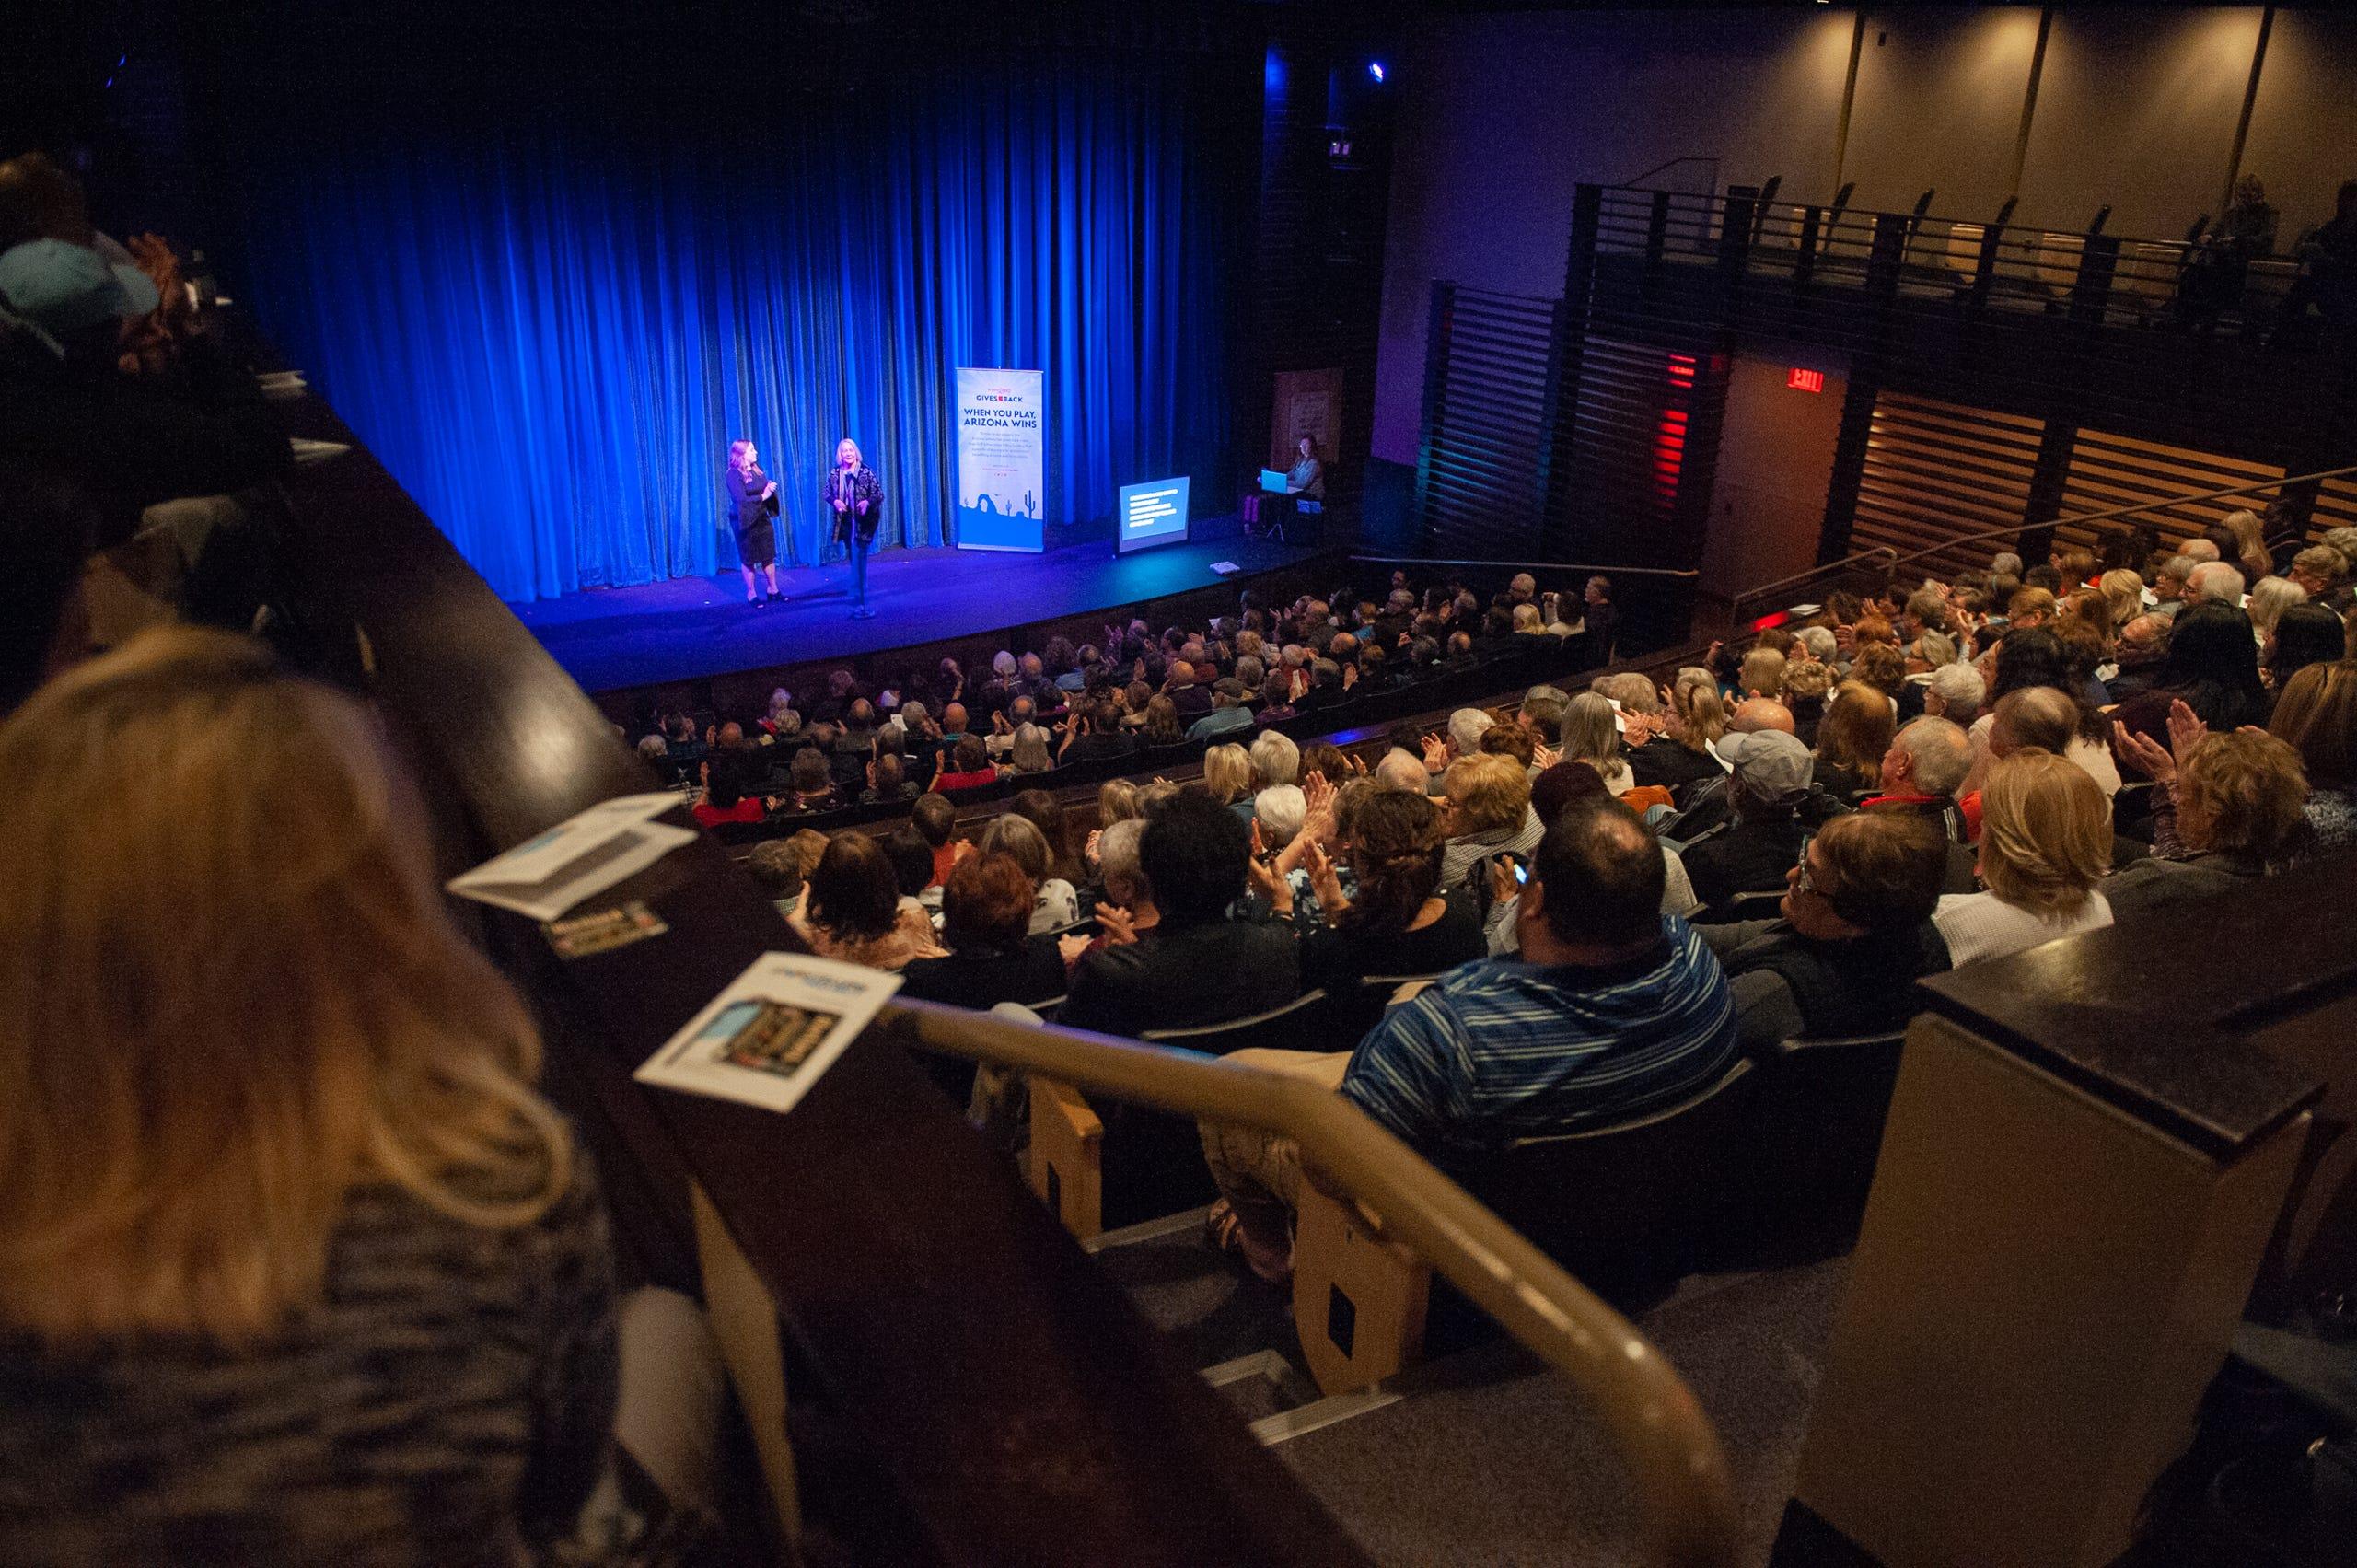 Arizona Storytellers 2019: New Beginnings